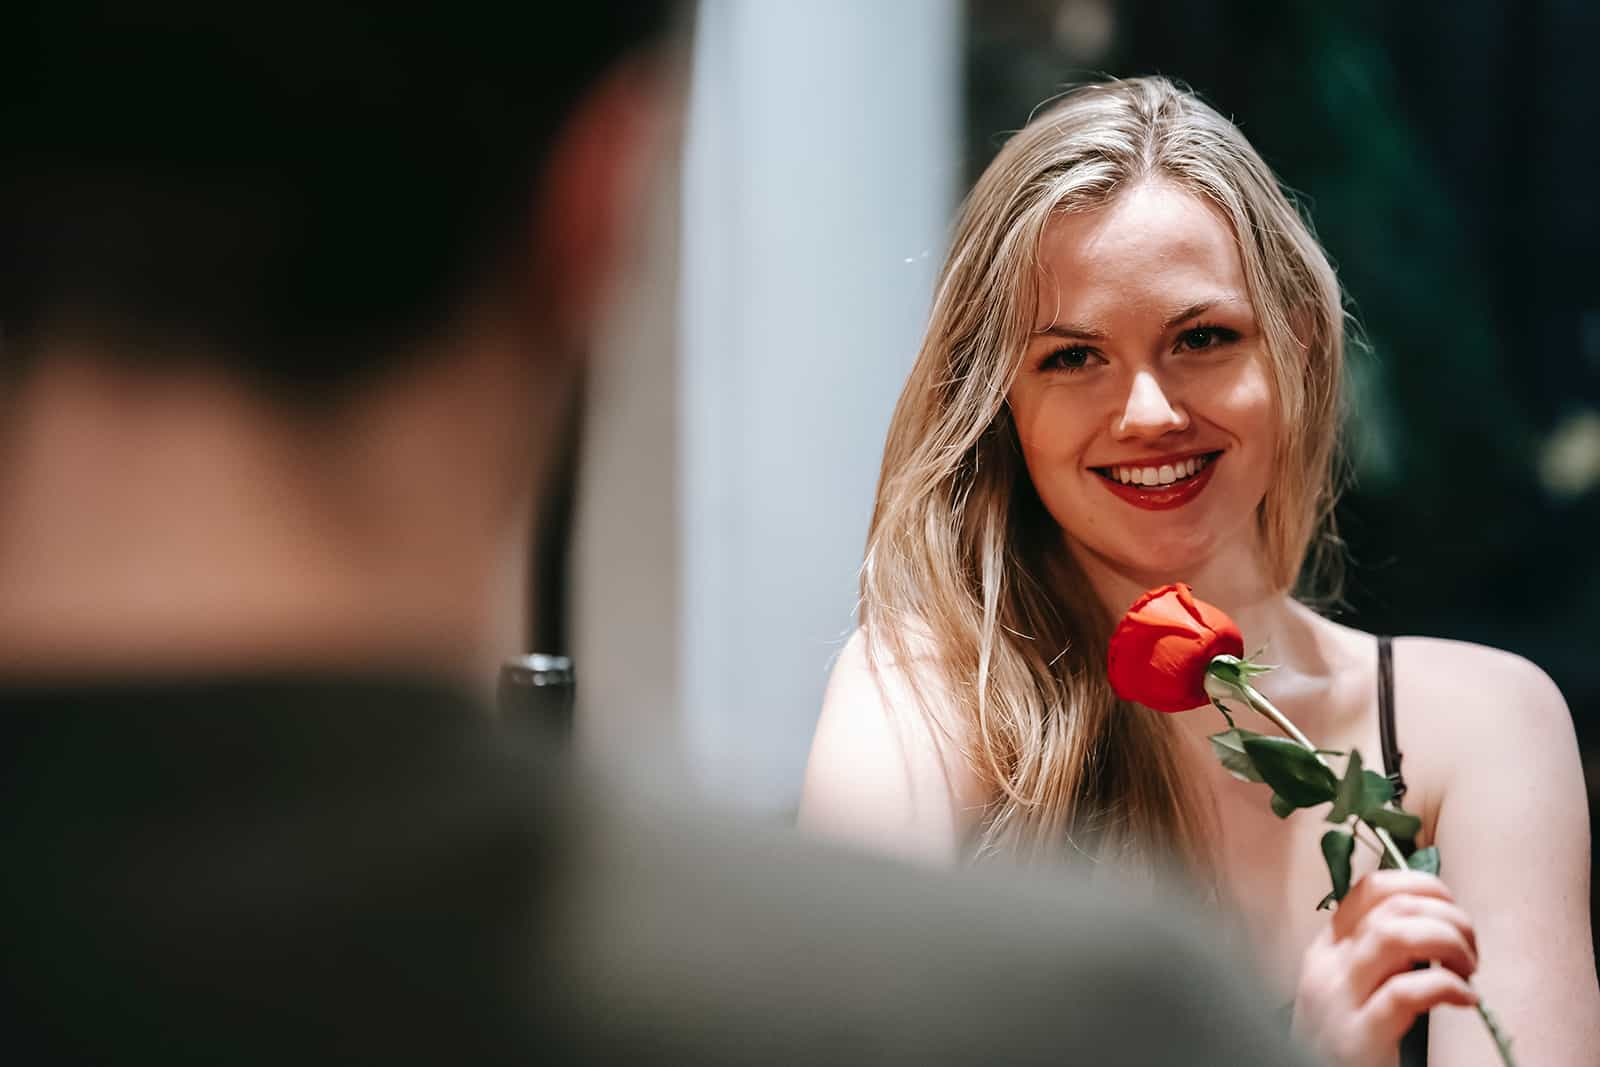 Une femme souriante tenant une rose rouge et regardant un homme assis en face d'elle